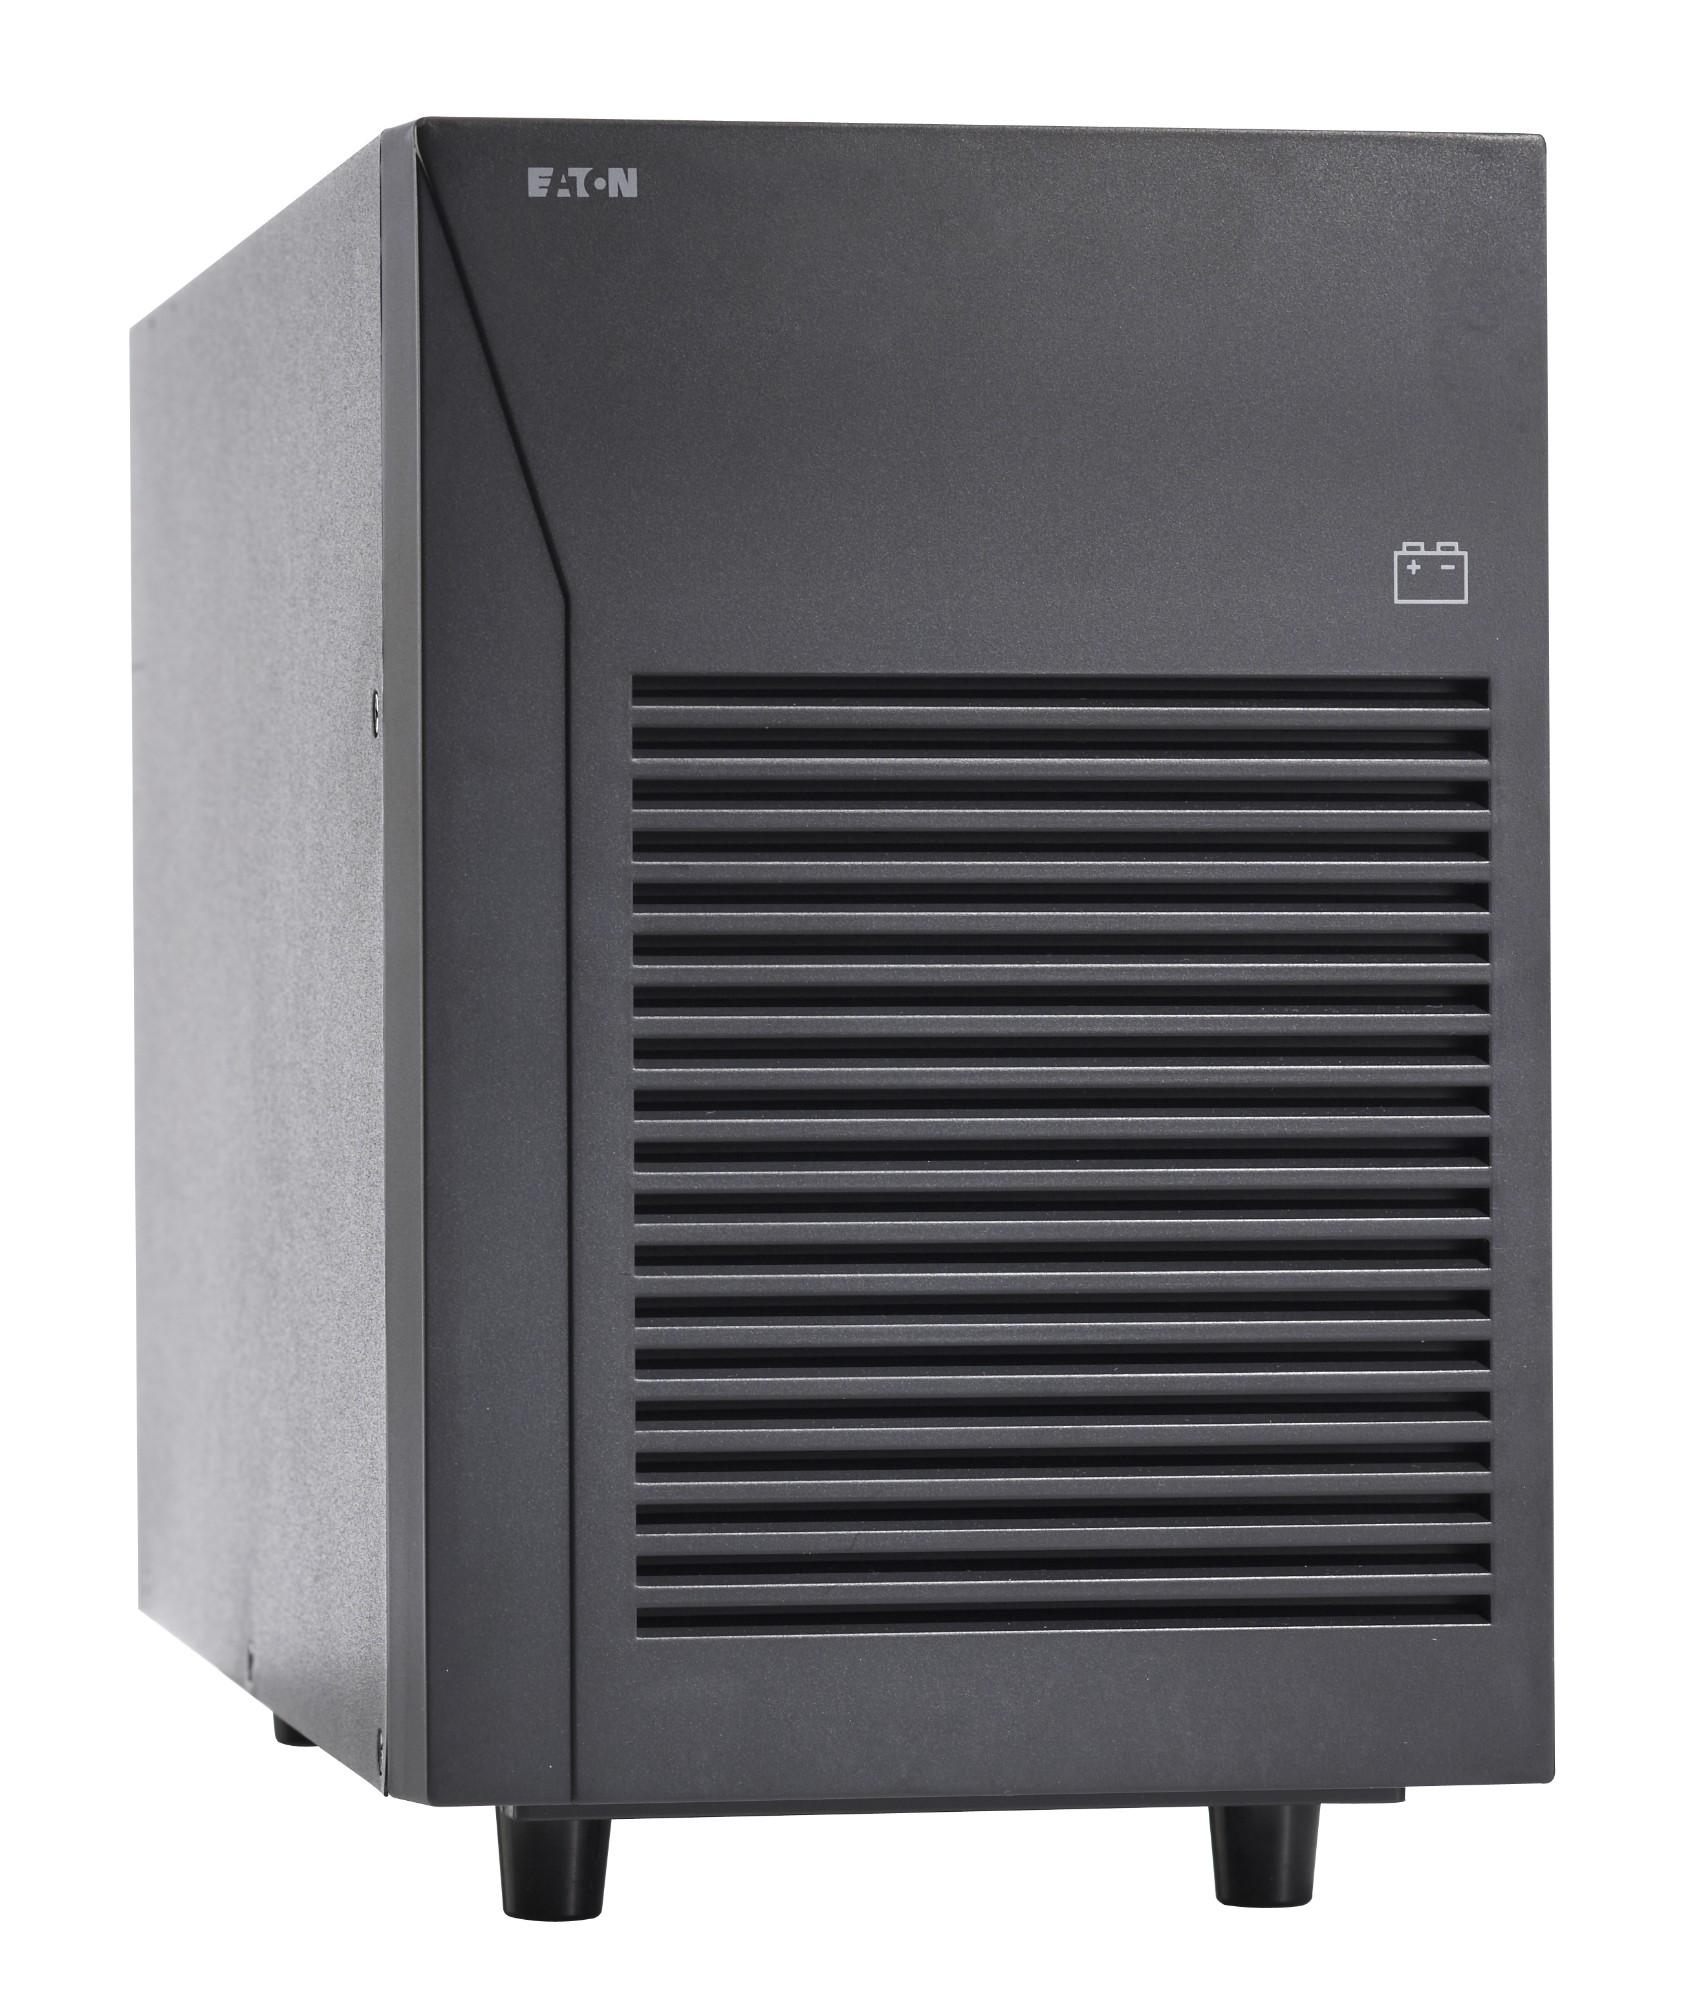 Eaton 9130N1000T-EBM